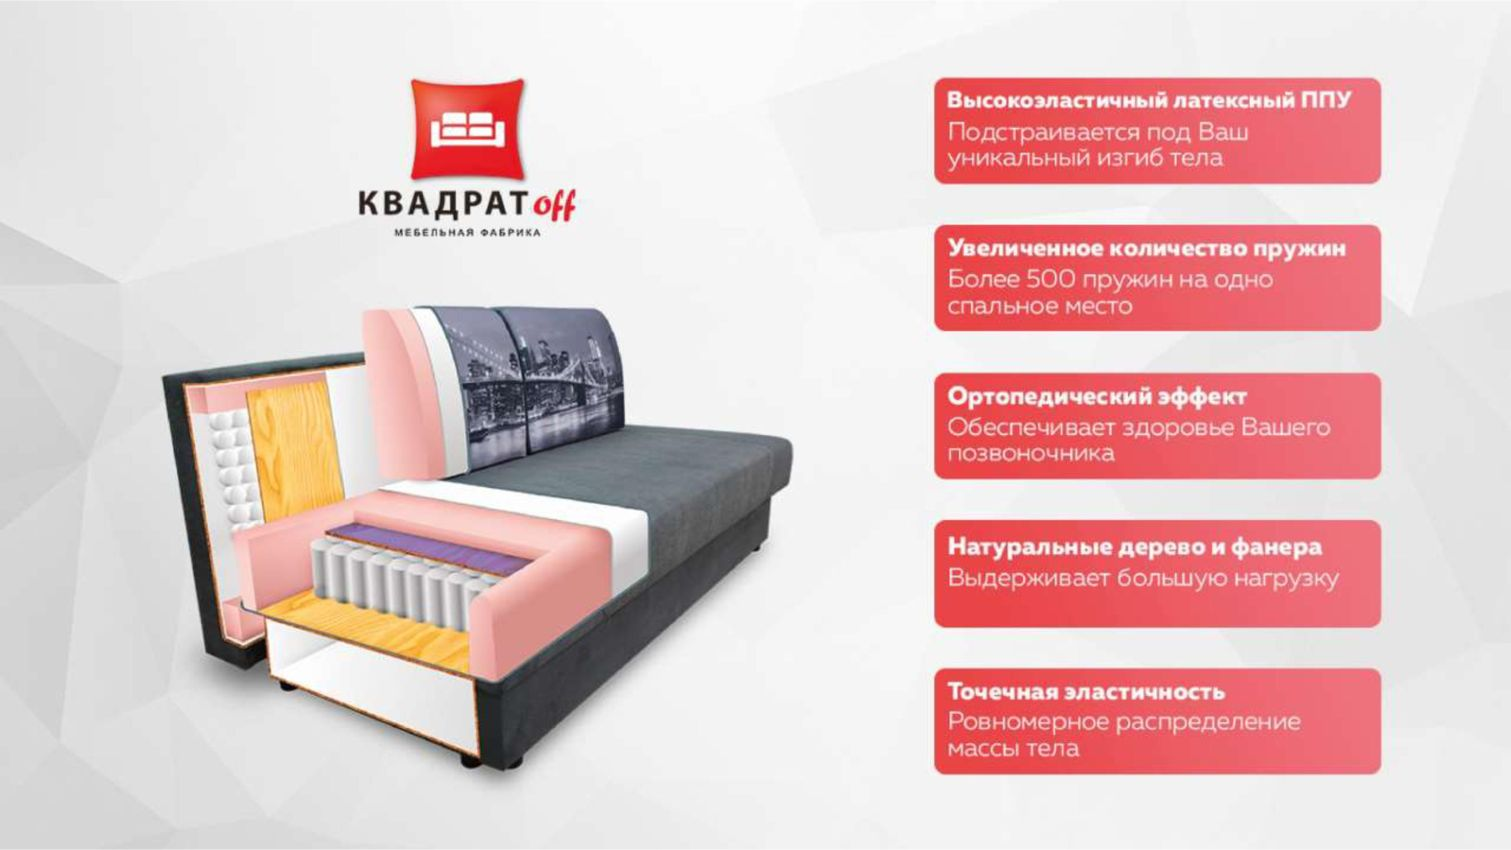 Каталог фабрики Квадратофф